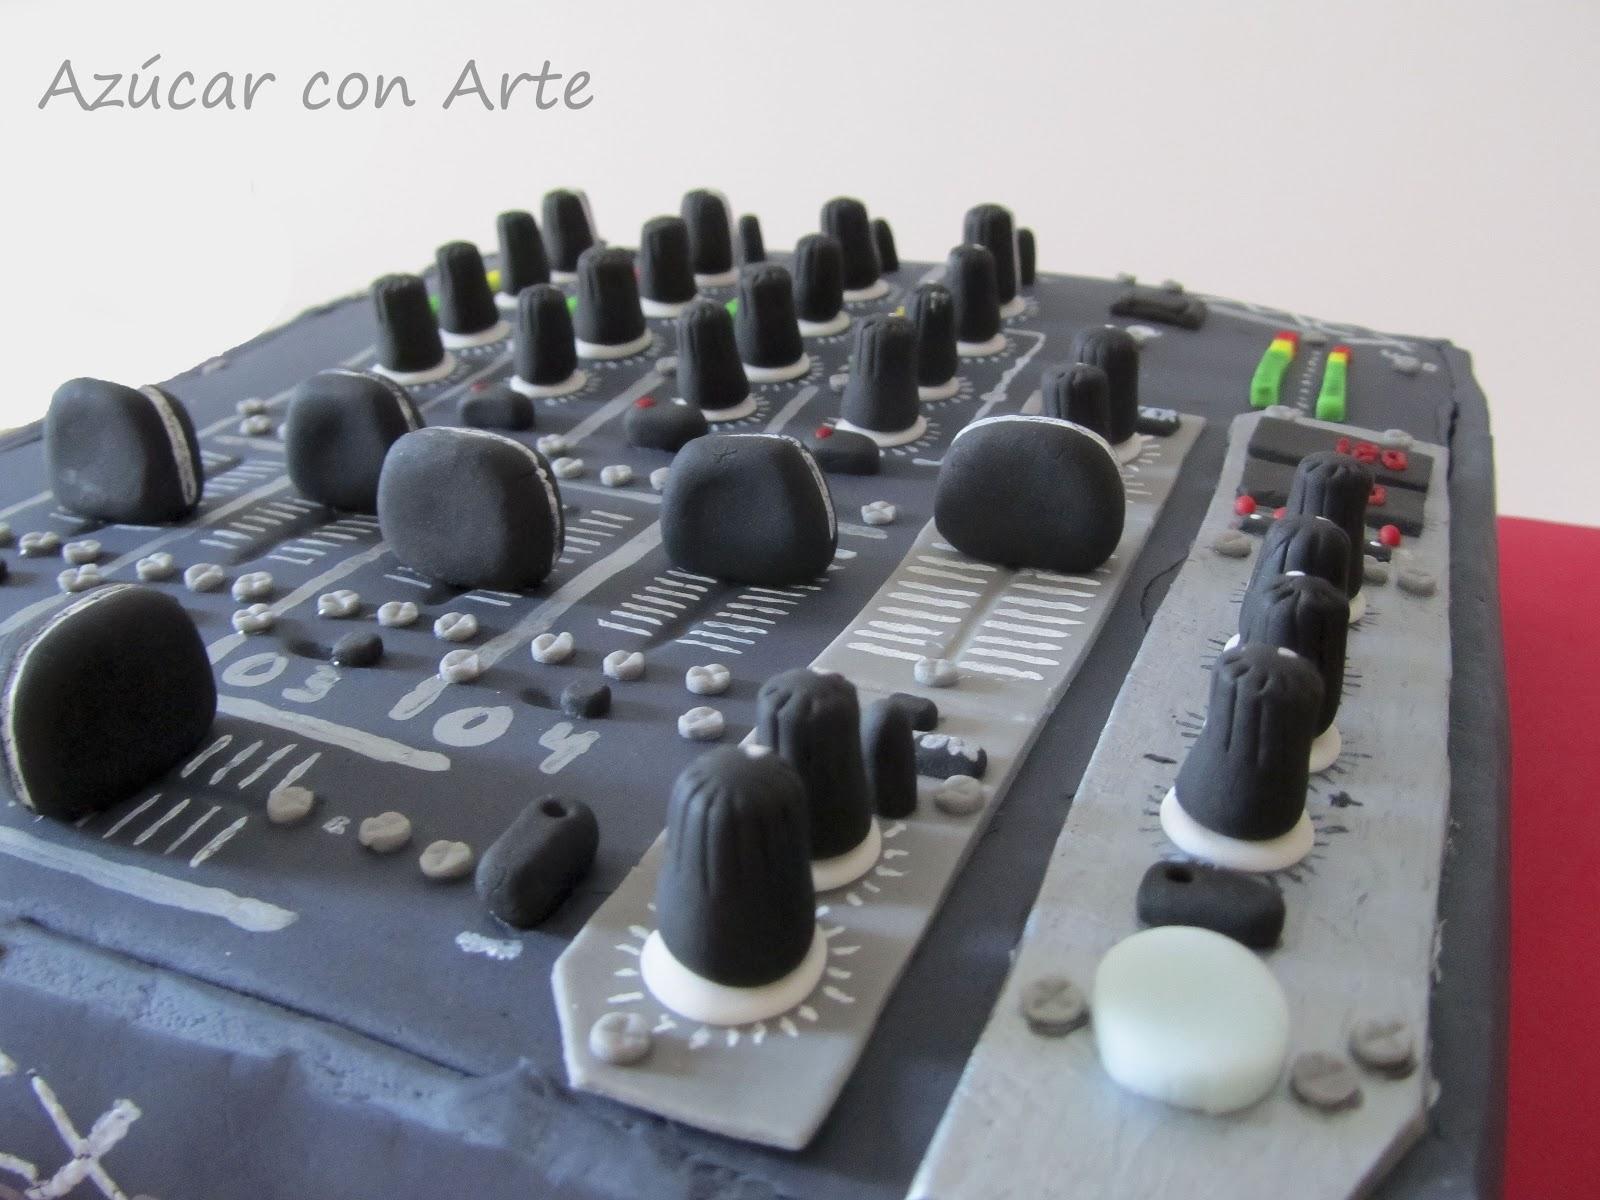 Az car con arte tarta mesa de mezclas for Programa mesa de mezclas